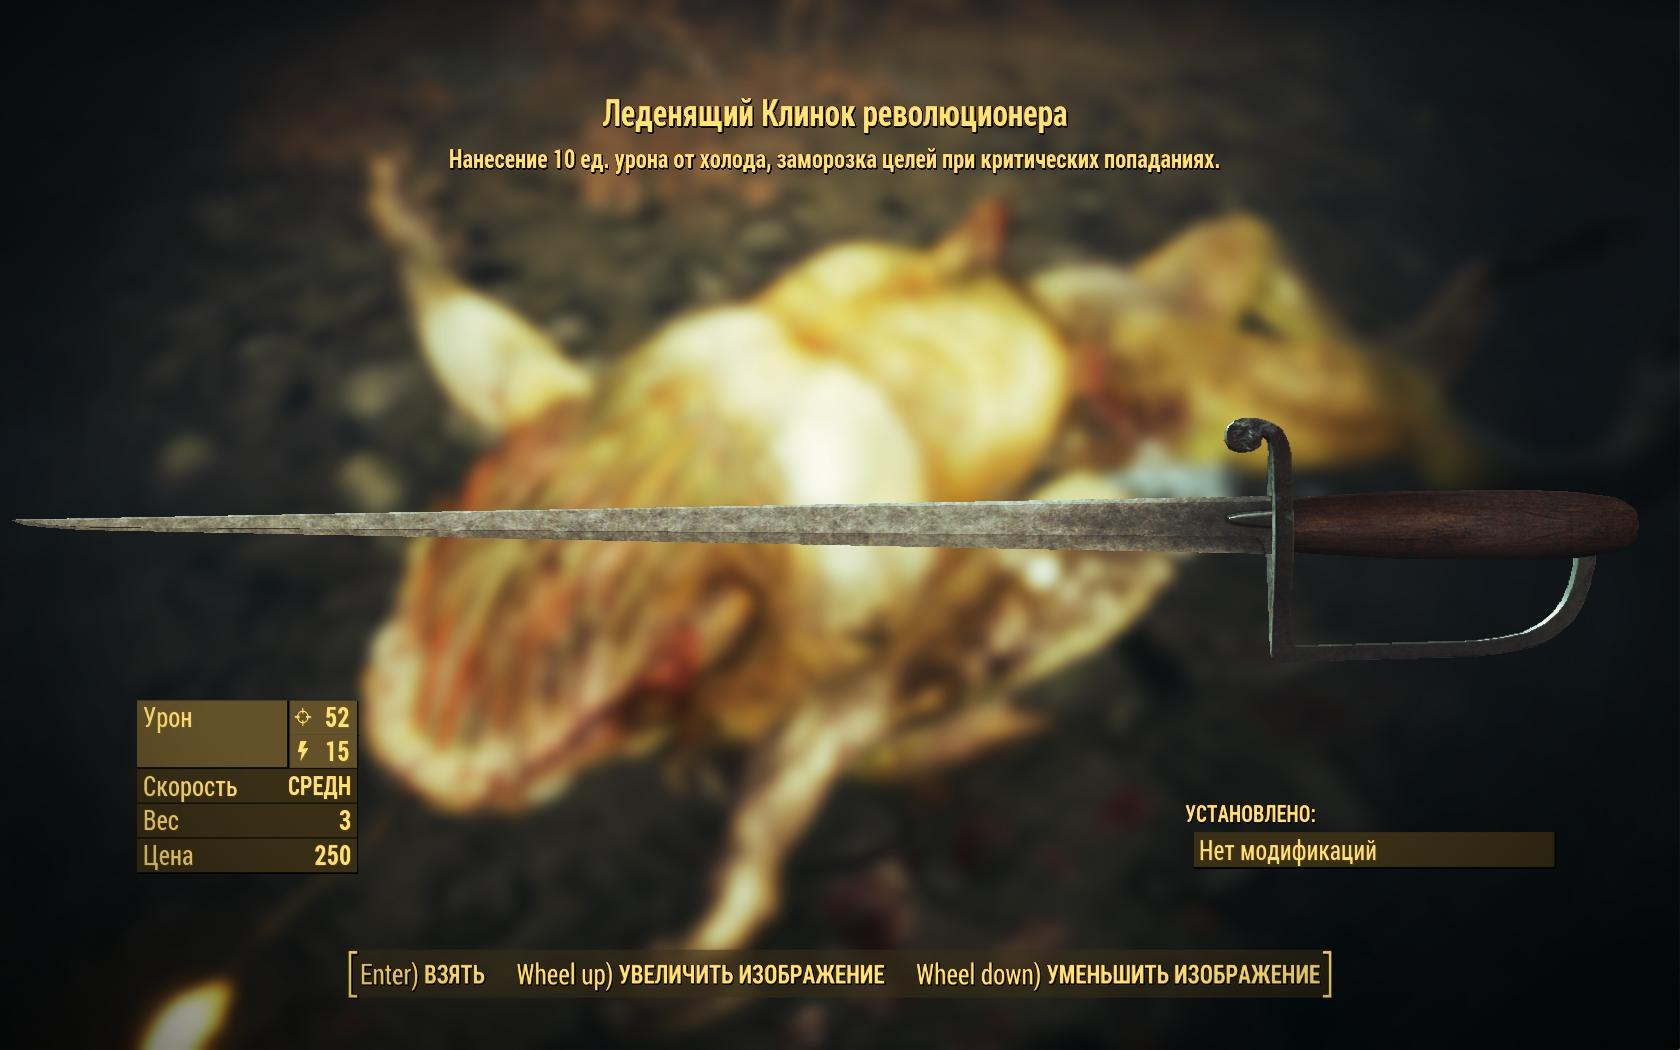 Леденящий клинок революционера - Fallout 4 клинок, Леденящий, Оружие, революционер